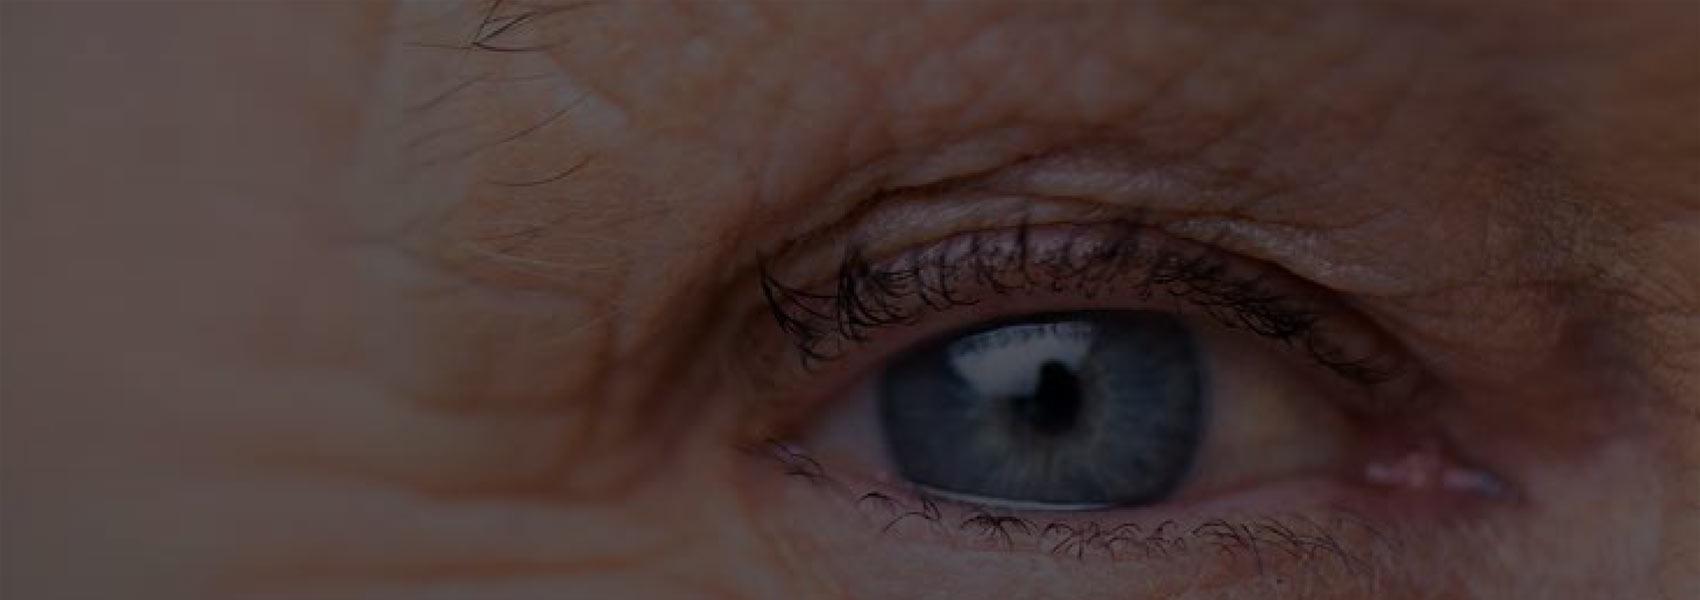 sliders-oog